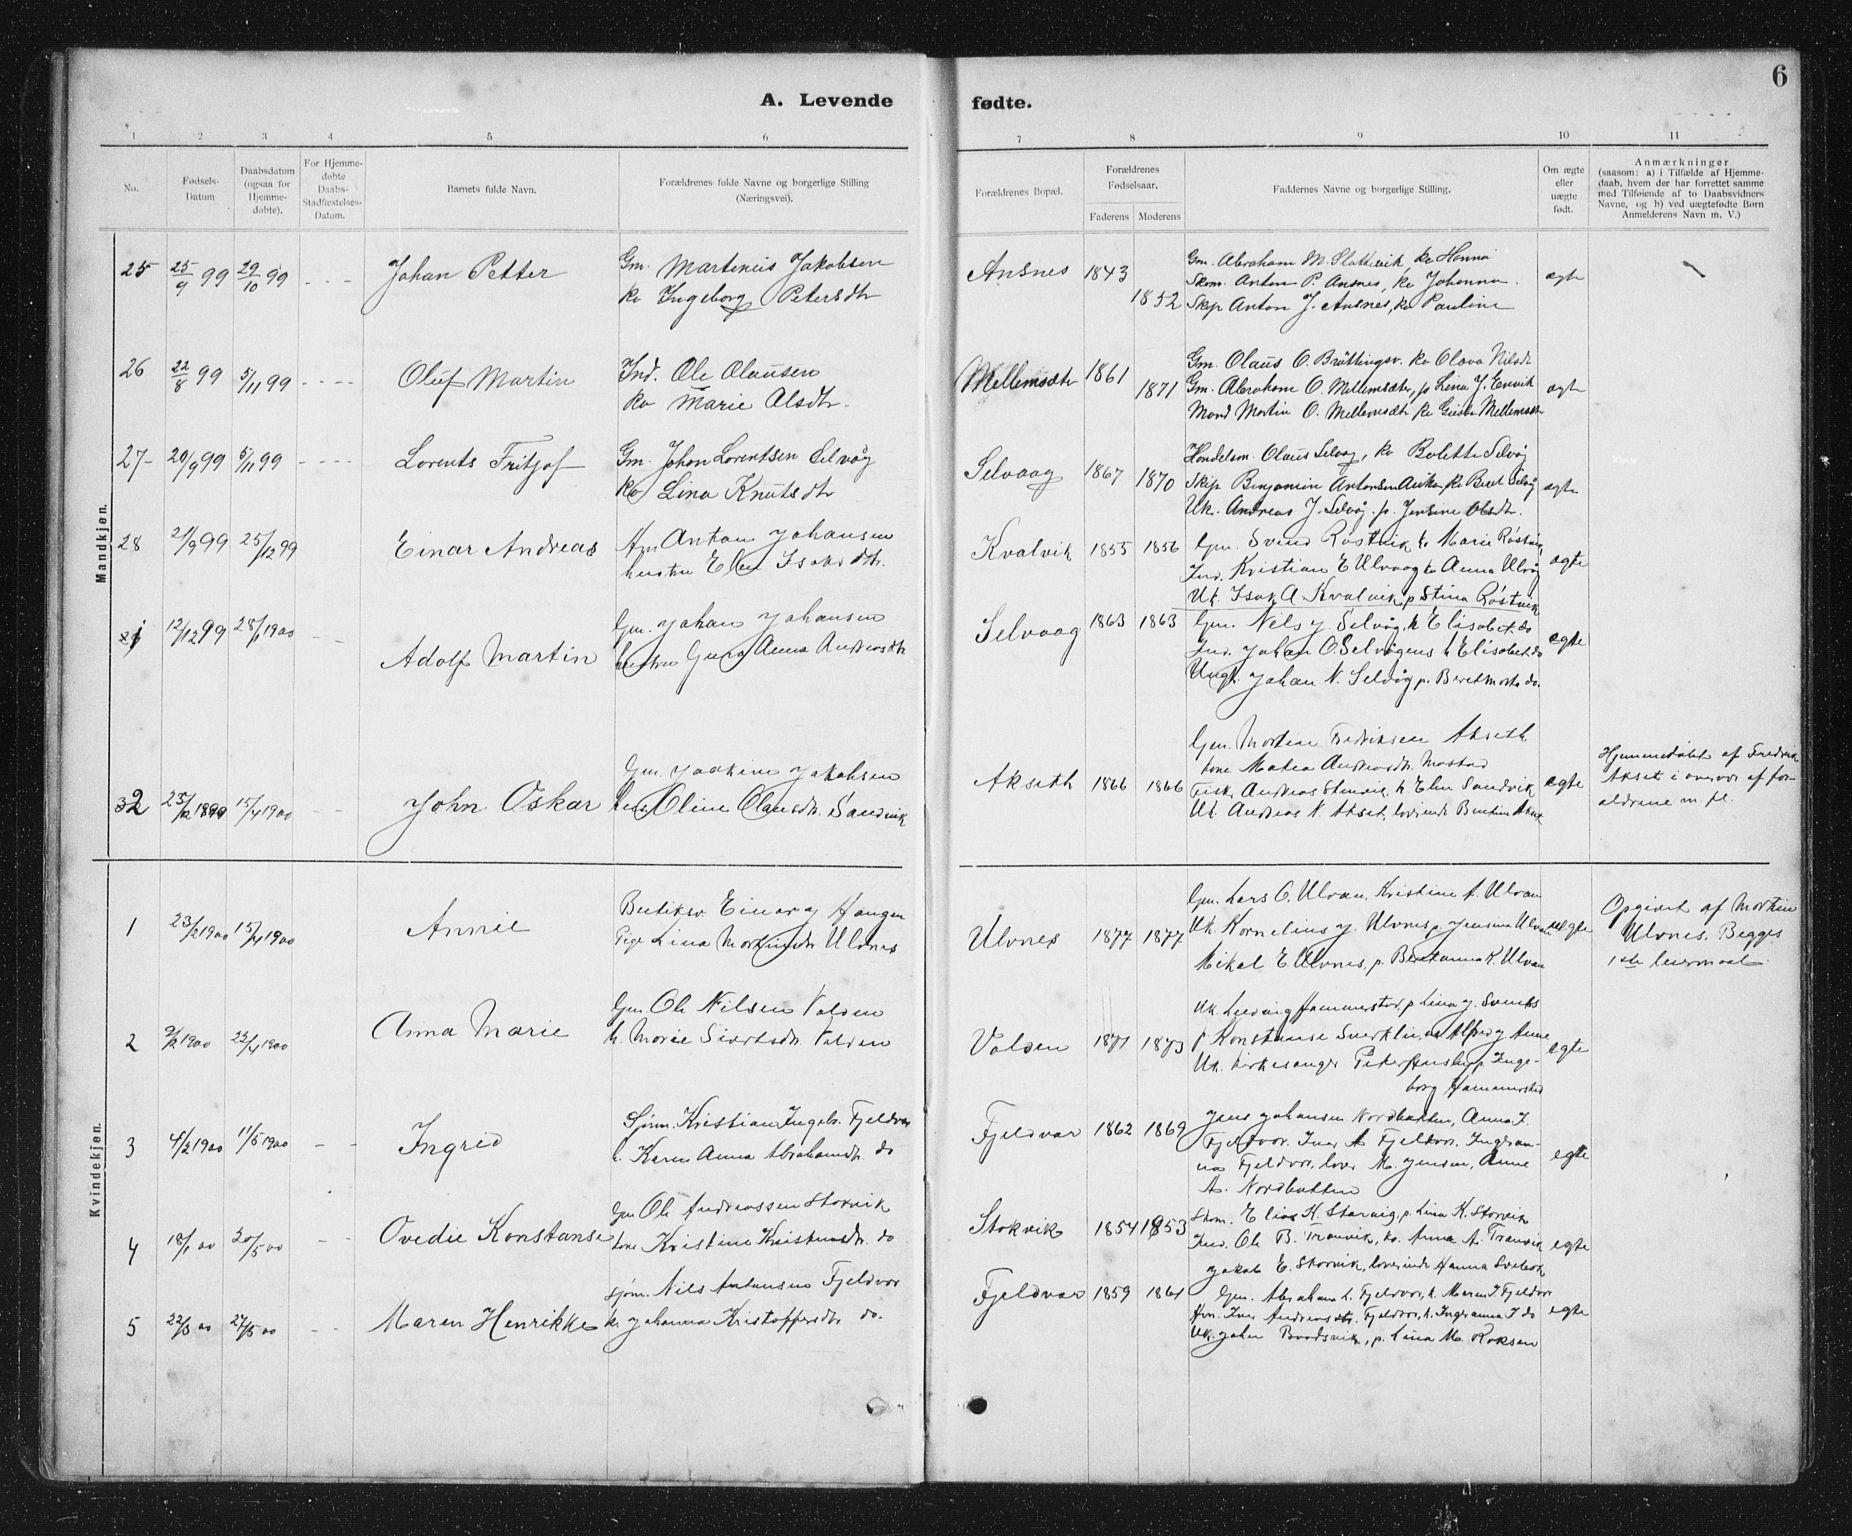 SAT, Ministerialprotokoller, klokkerbøker og fødselsregistre - Sør-Trøndelag, 637/L0563: Klokkerbok nr. 637C04, 1899-1940, s. 6